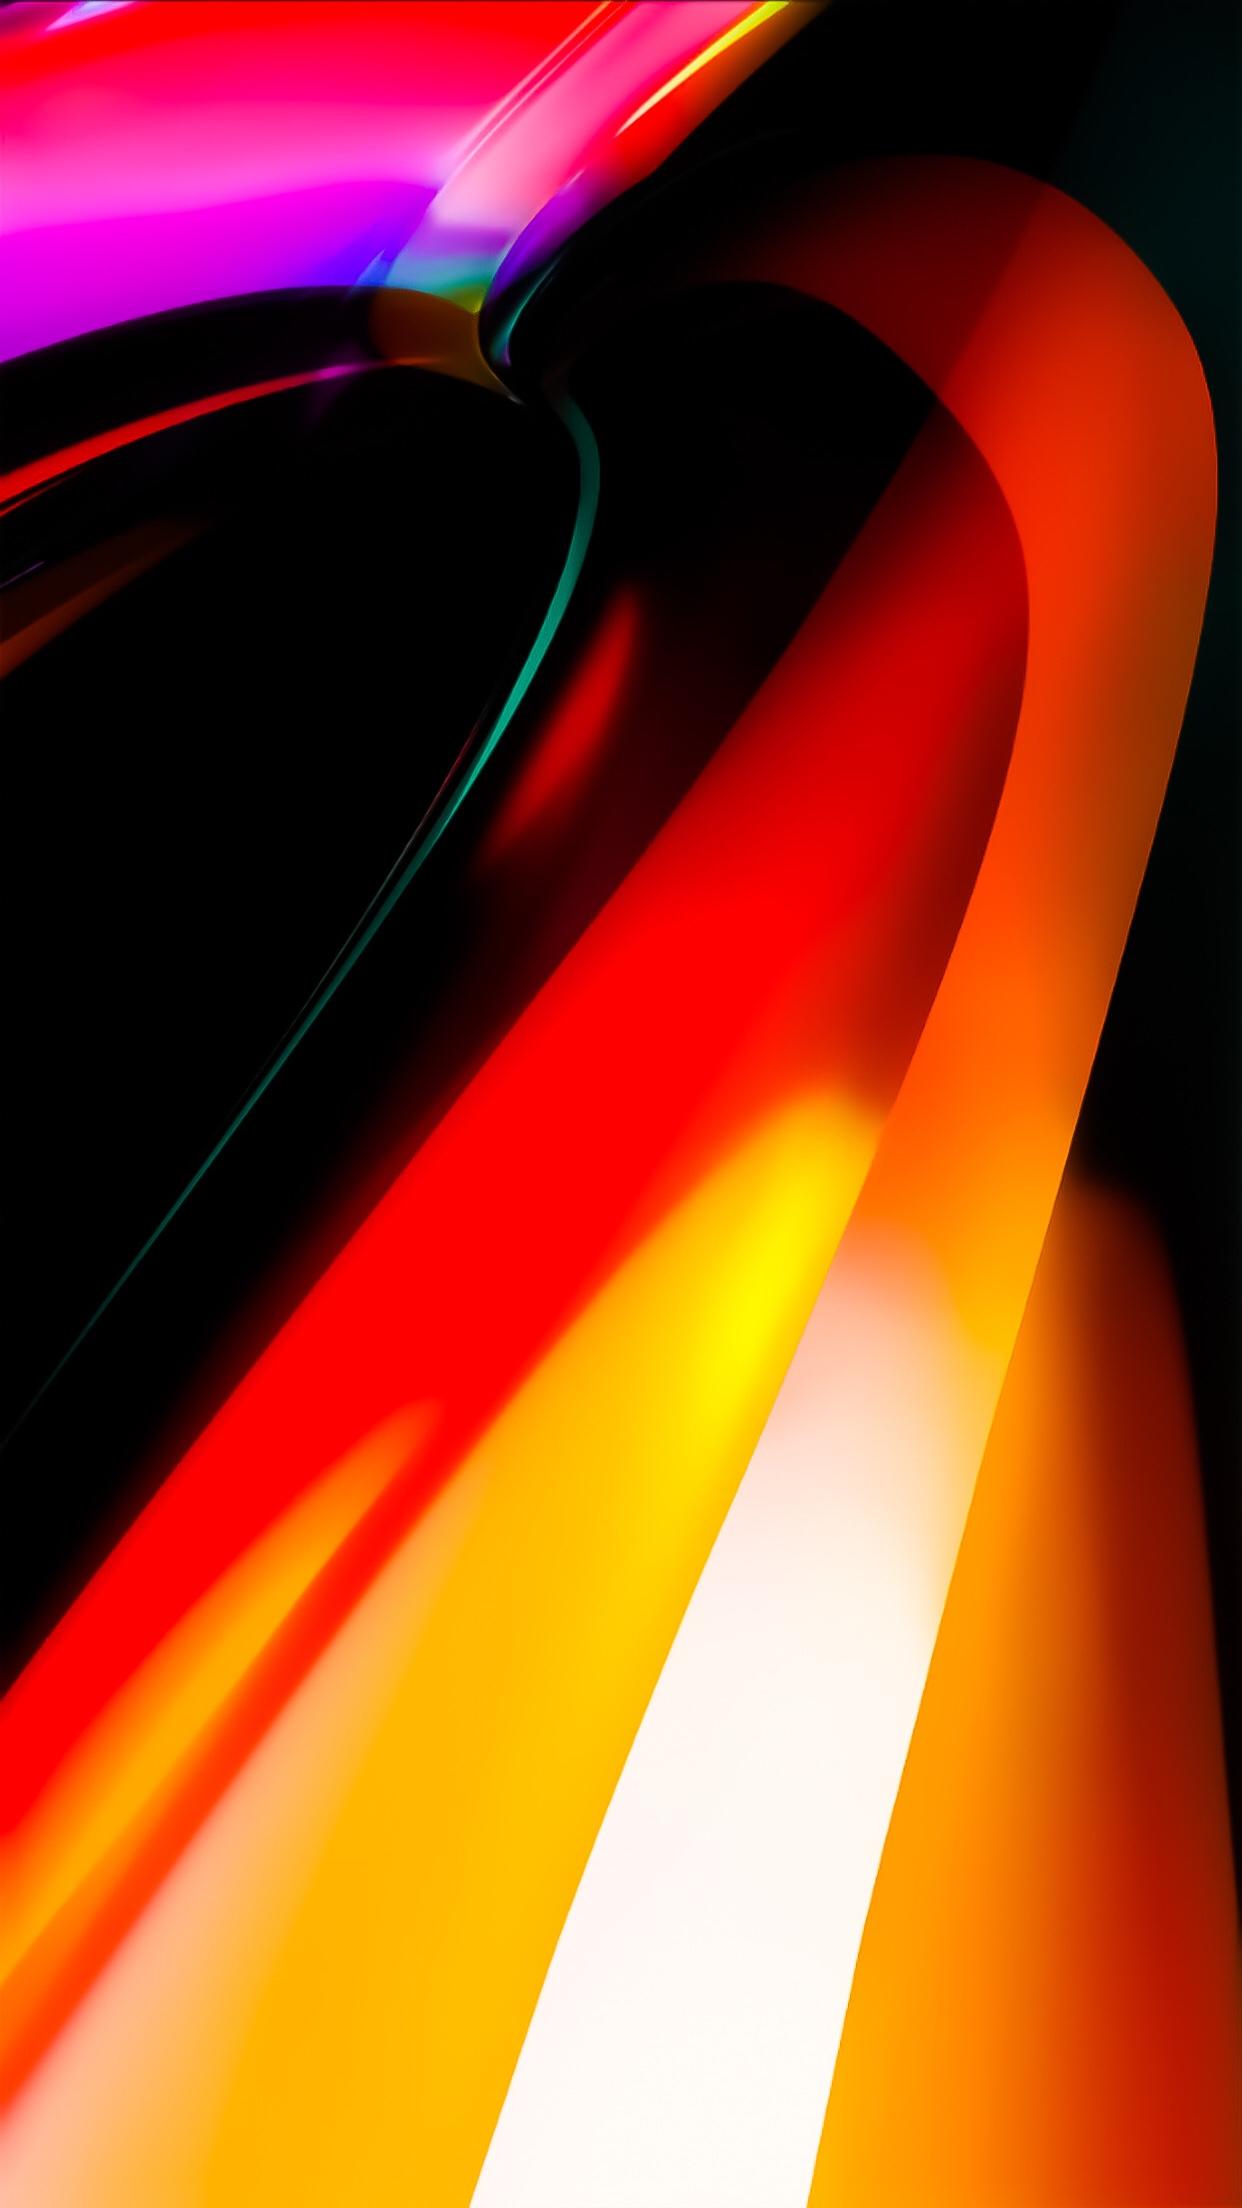 カラフルでかっこいい無料高画質iphone壁紙2 めちゃ人気 Iphone壁紙dj